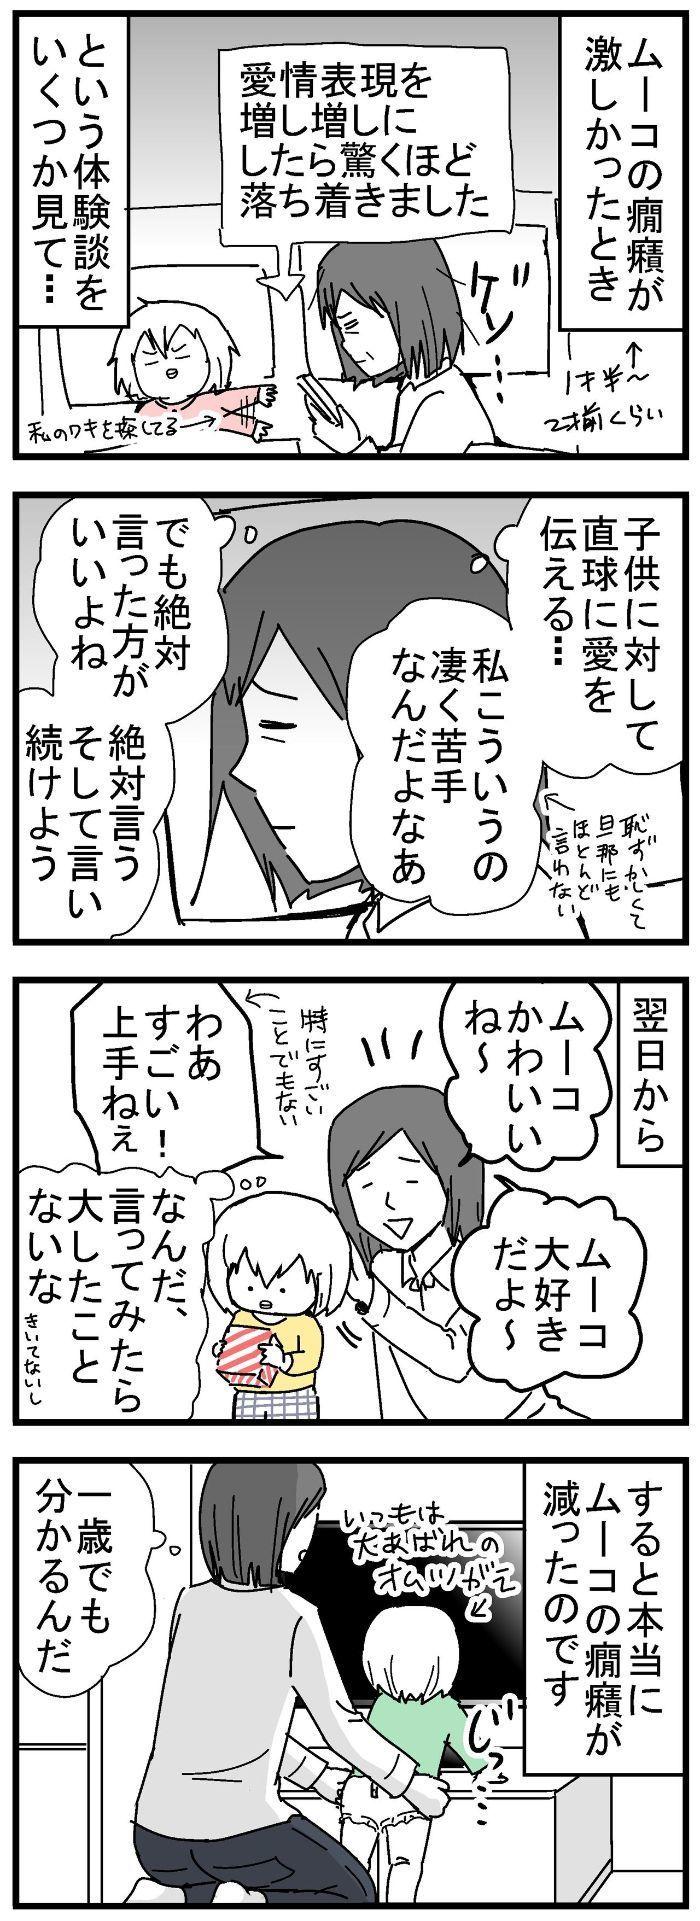 激しいかんしゃく、落ち着いた…?悪気ない「そっくり!」にモヤァ…今週のおすすめ記事!の画像1